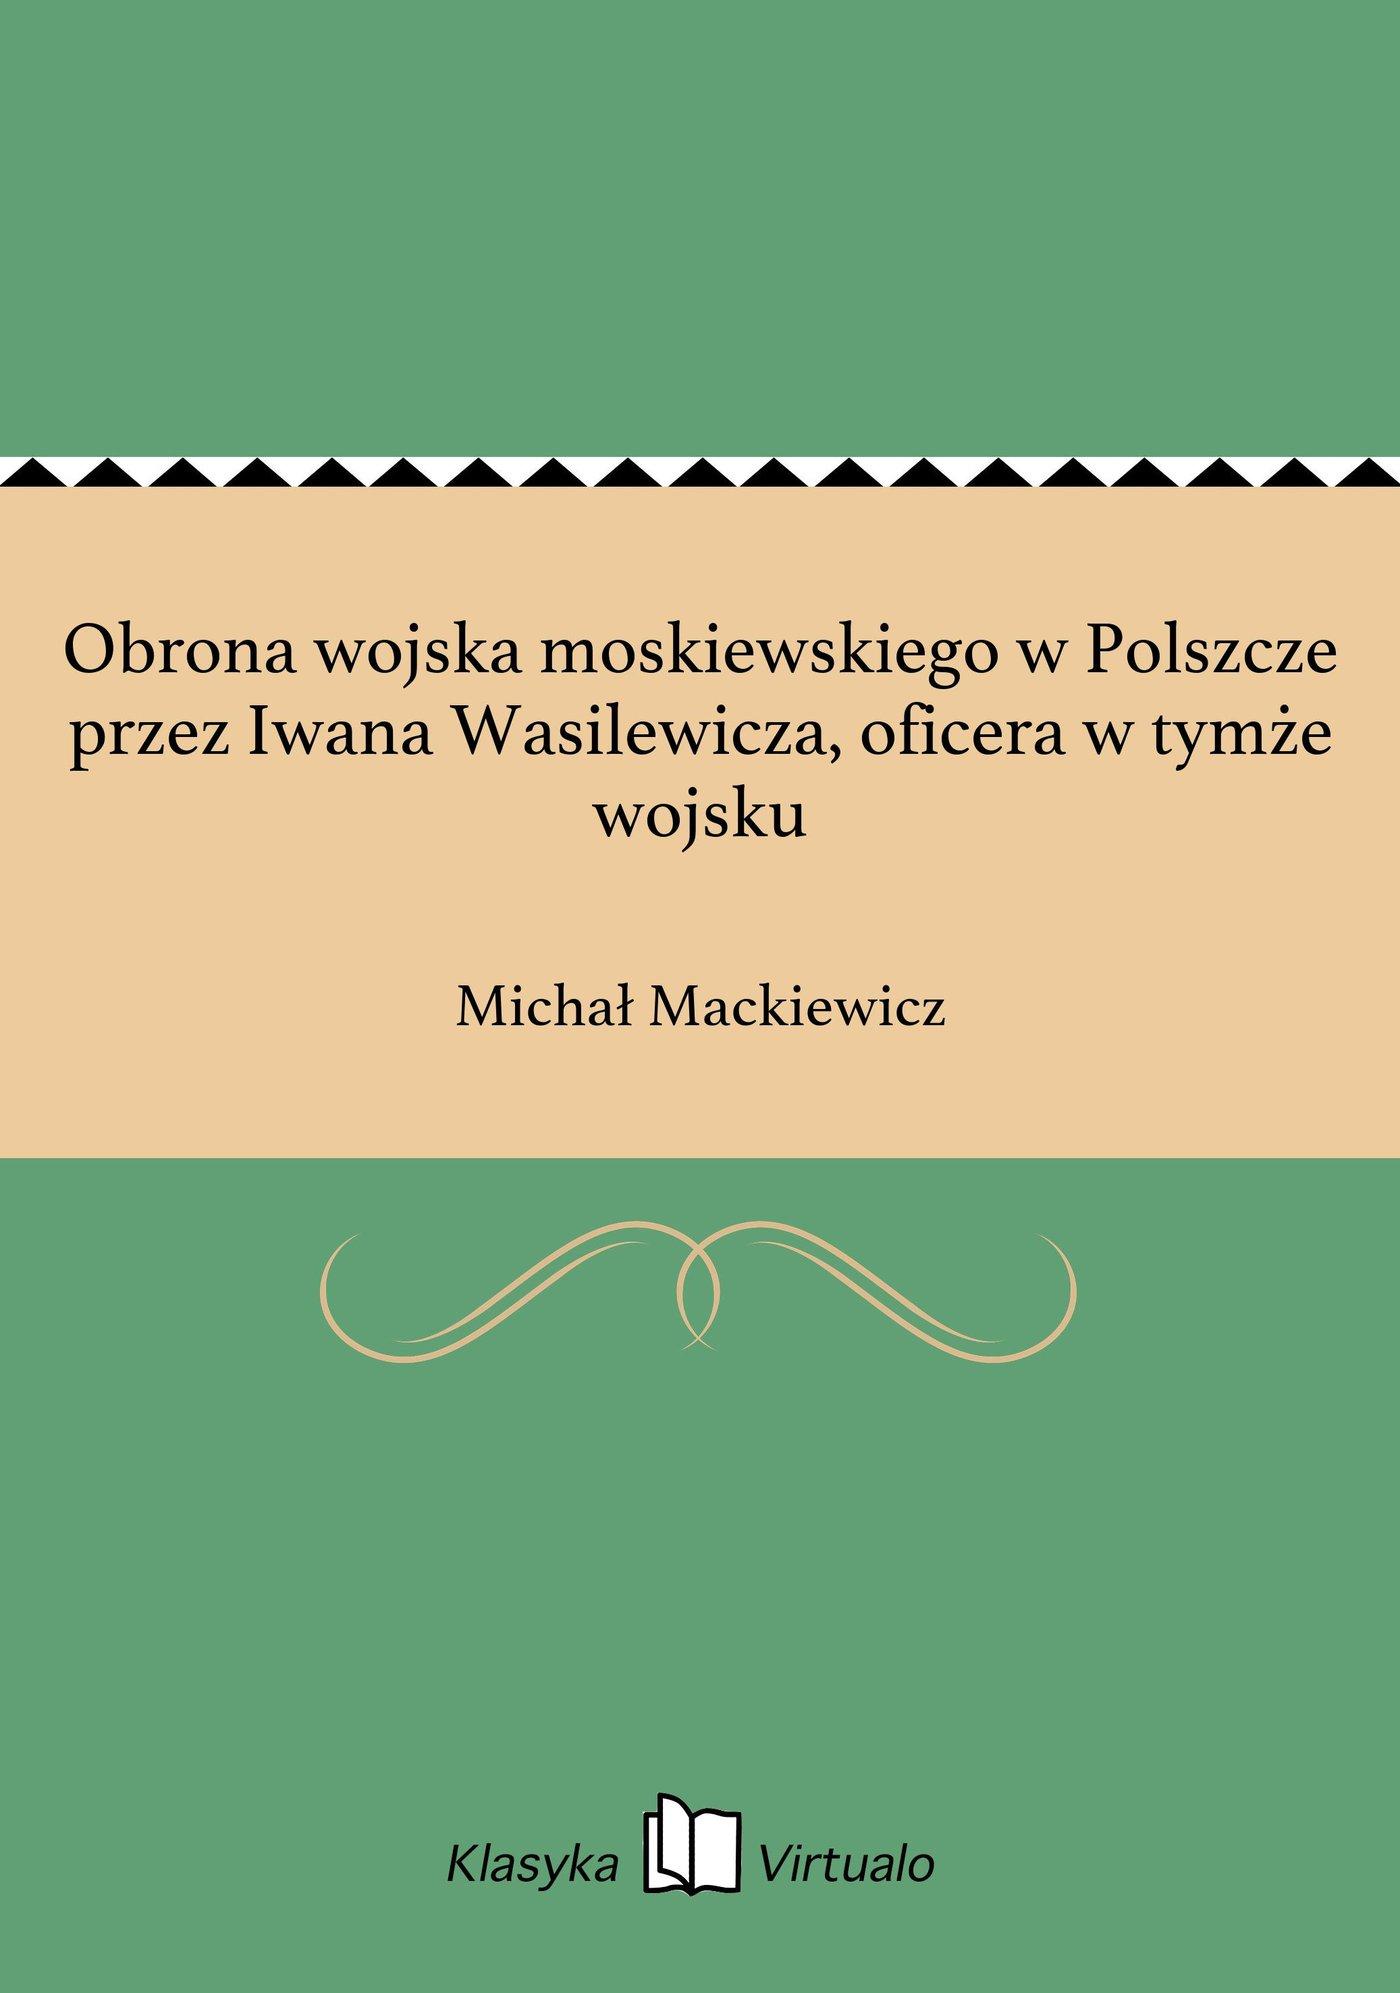 Obrona wojska moskiewskiego w Polszcze przez Iwana Wasilewicza, oficera w tymże wojsku - Ebook (Książka EPUB) do pobrania w formacie EPUB